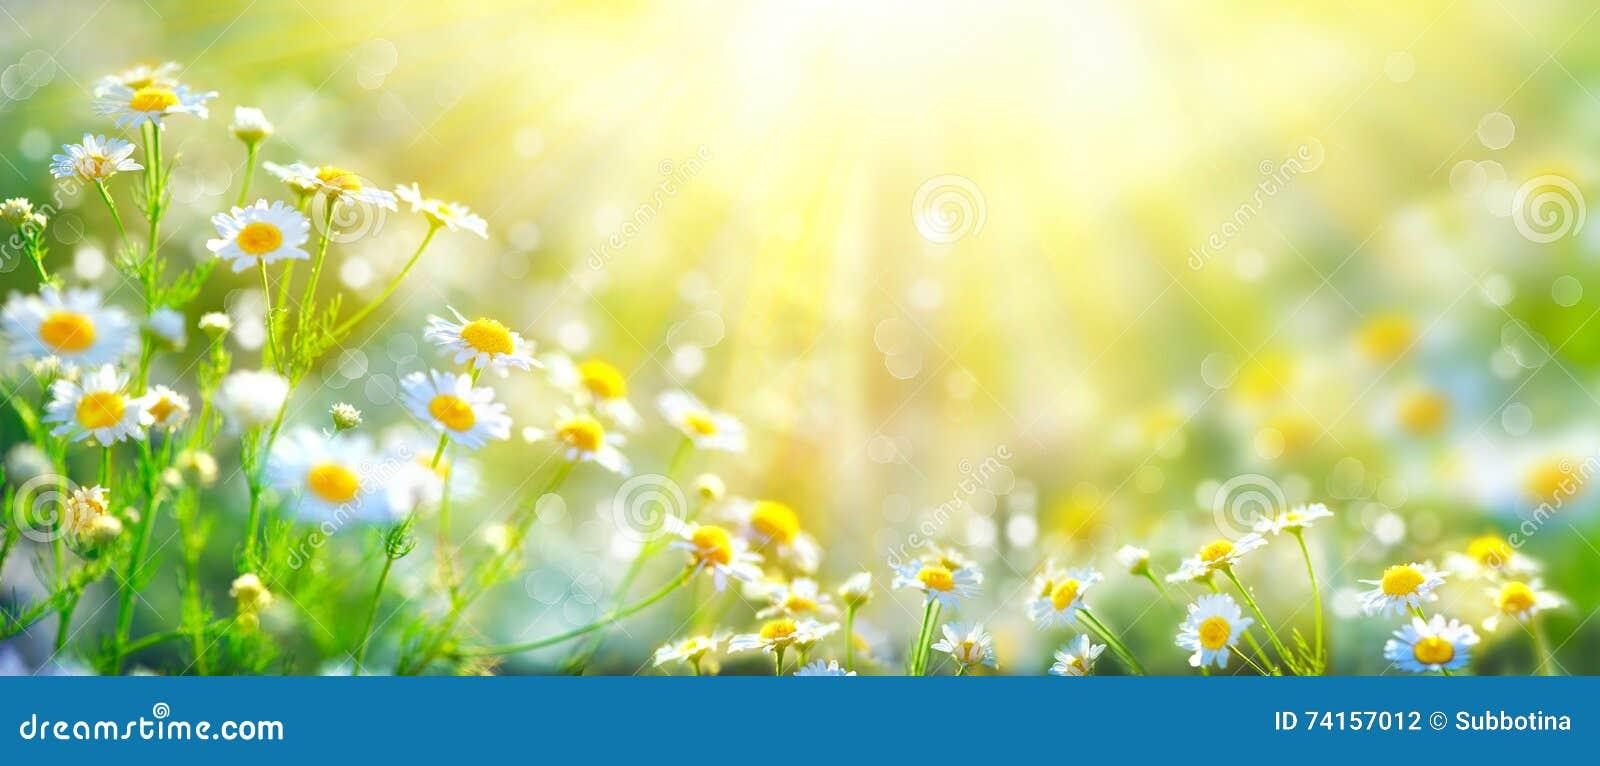 Belle scène de nature avec les camomilles de floraison